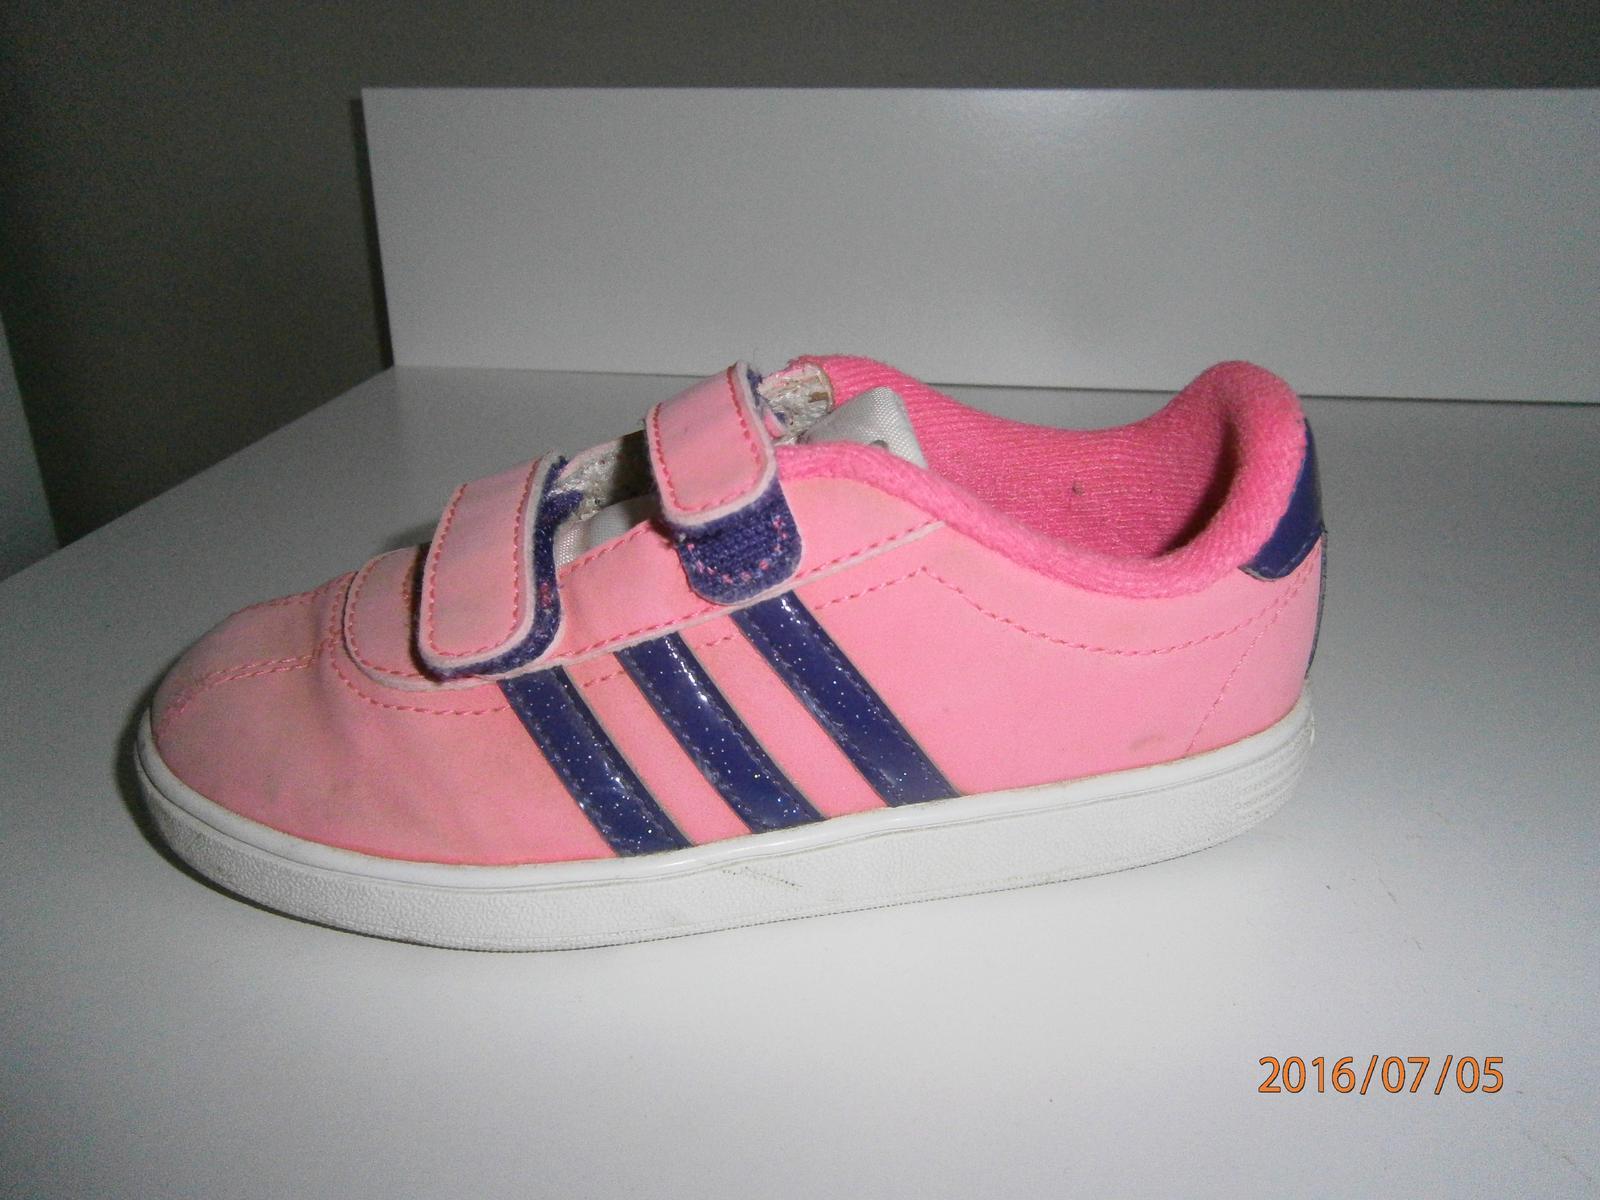 89d9a23b6 Dievčenské botasky zn. adidas, adidas,27 - 12 € od predávajúcej krusetnica  | Detský bazár | ModryKonik.sk